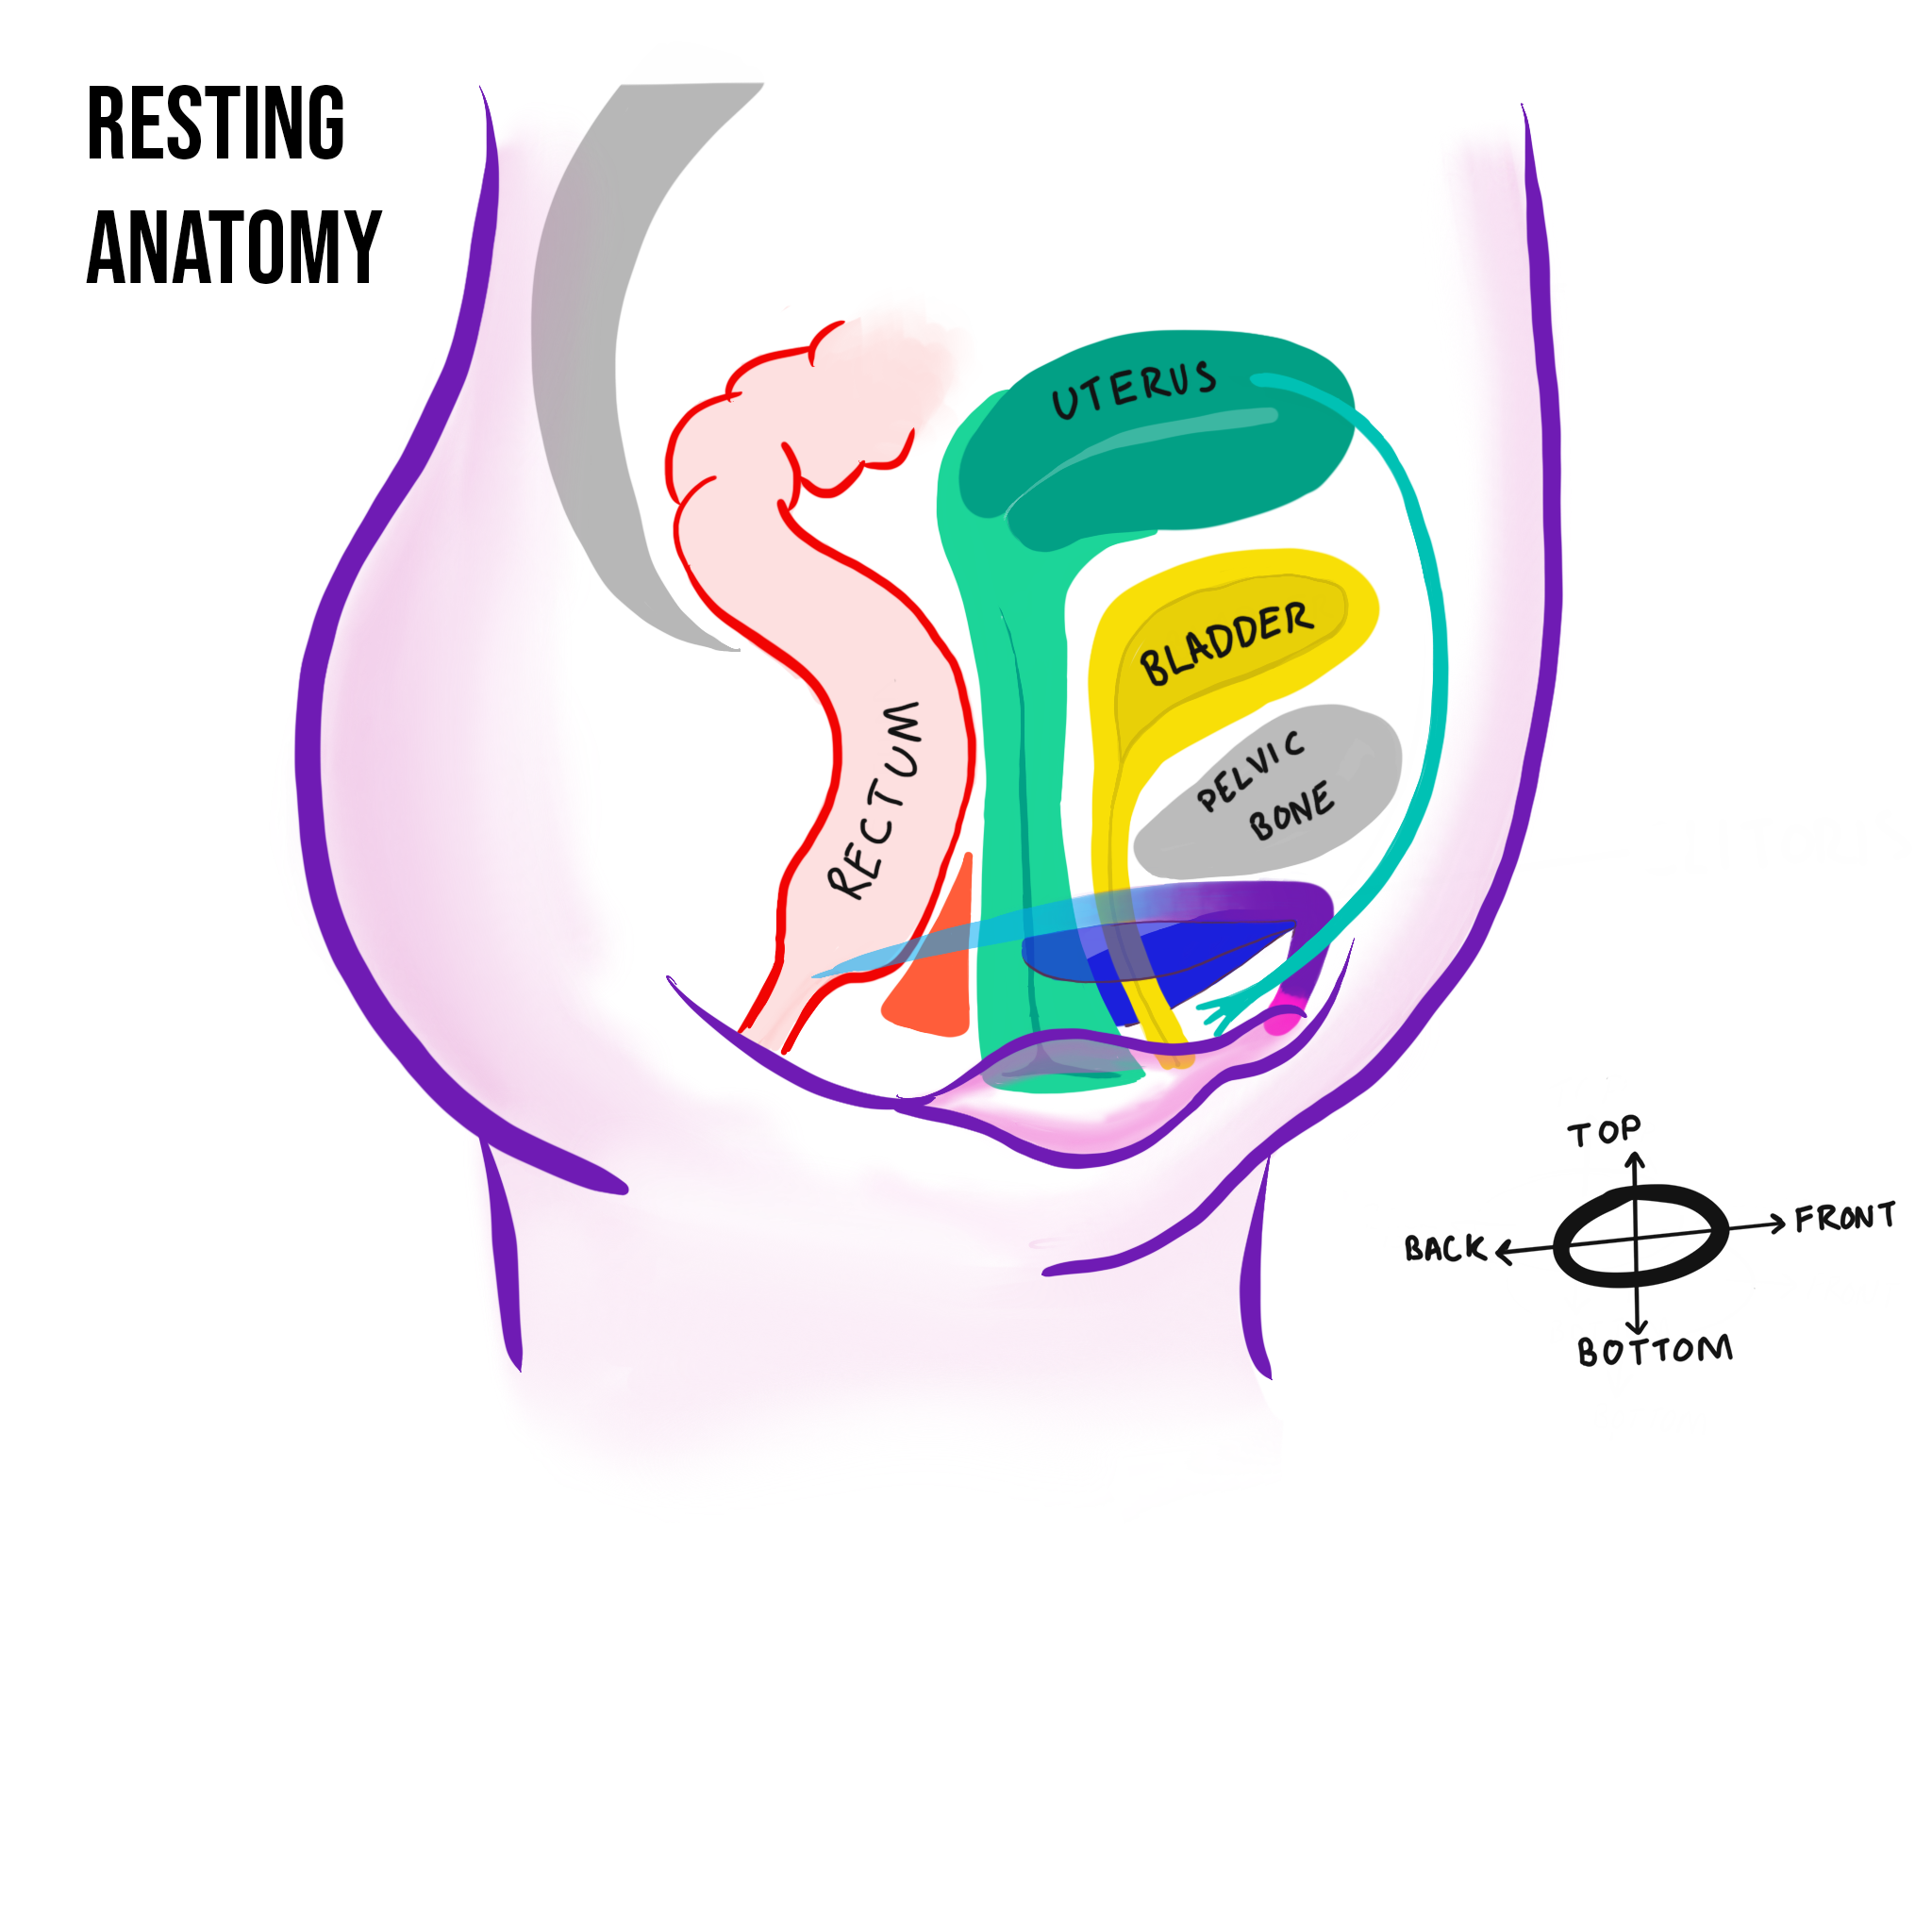 resting anatomy w cumpus 2.png